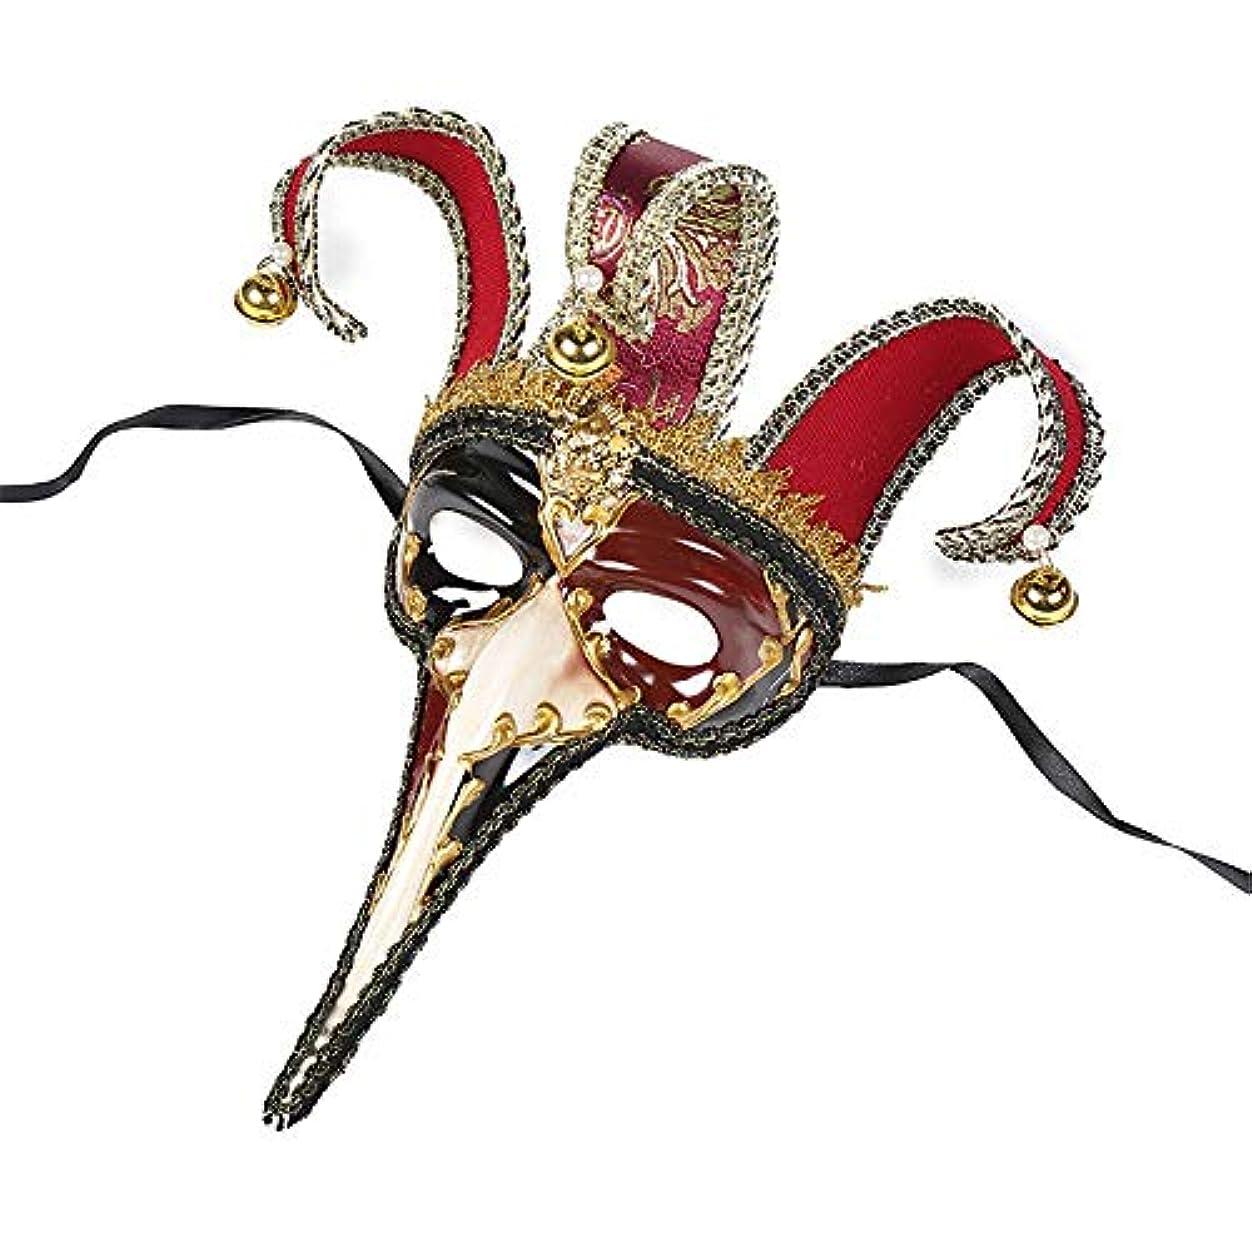 財布請求書微生物ダンスマスク ハーフフェイス鼻フラミンゴハロウィーン仮装雰囲気クリスマスフェスティバルロールプレイングプラスチックマスク ホリデーパーティー用品 (色 : 赤, サイズ : 42x15cm)